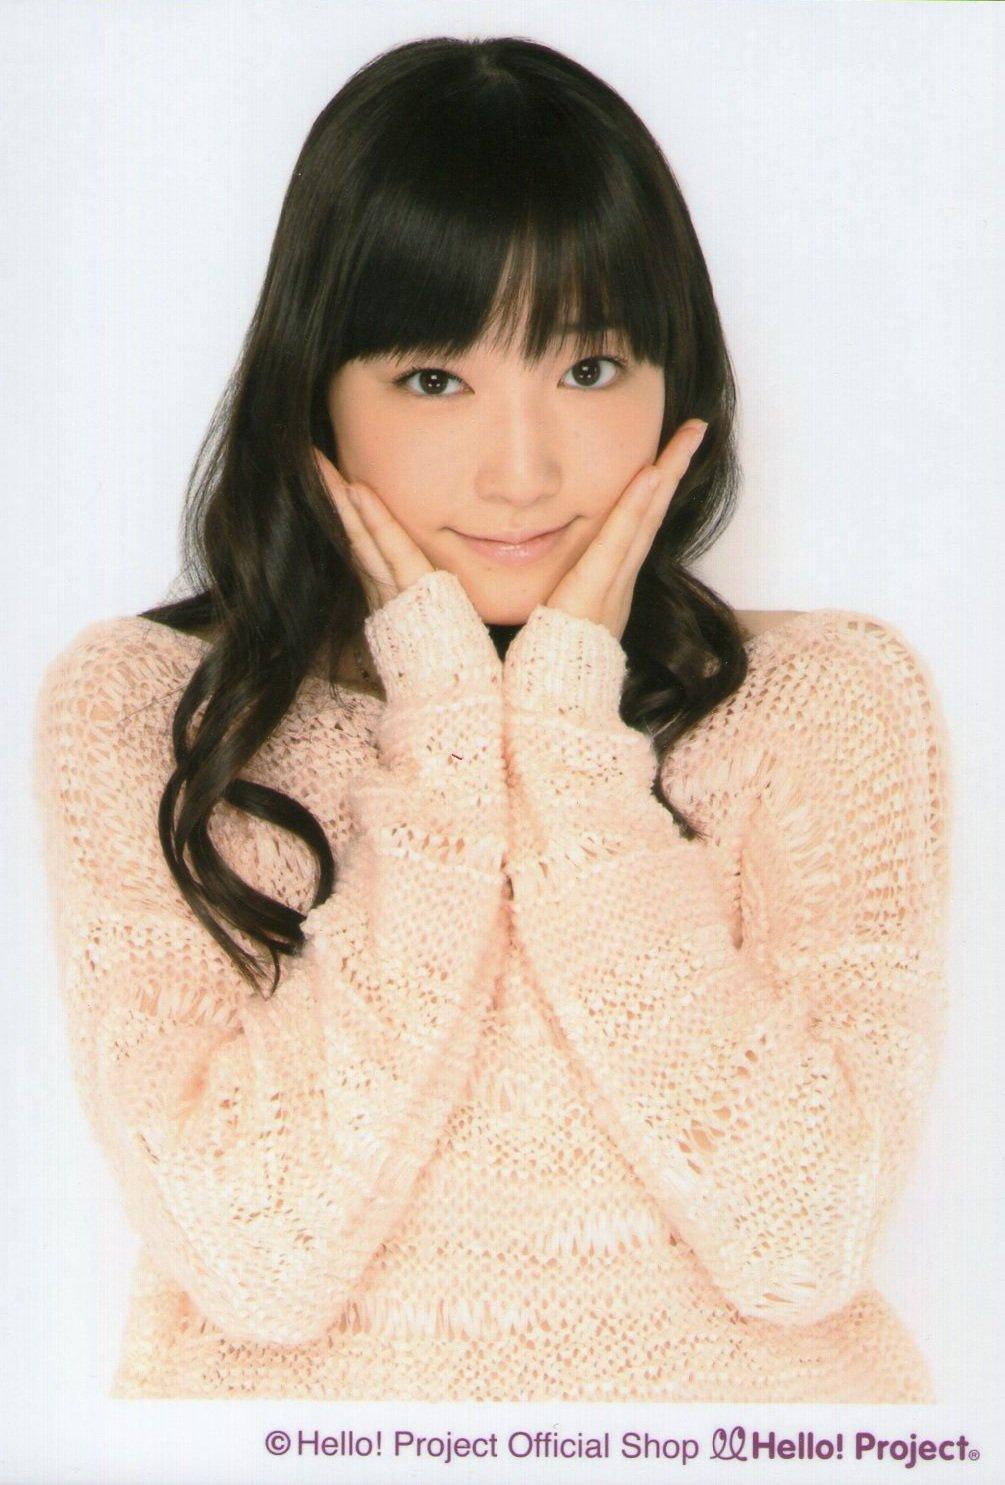 Fukumura Mizuki - Picture Board - Hello!Online